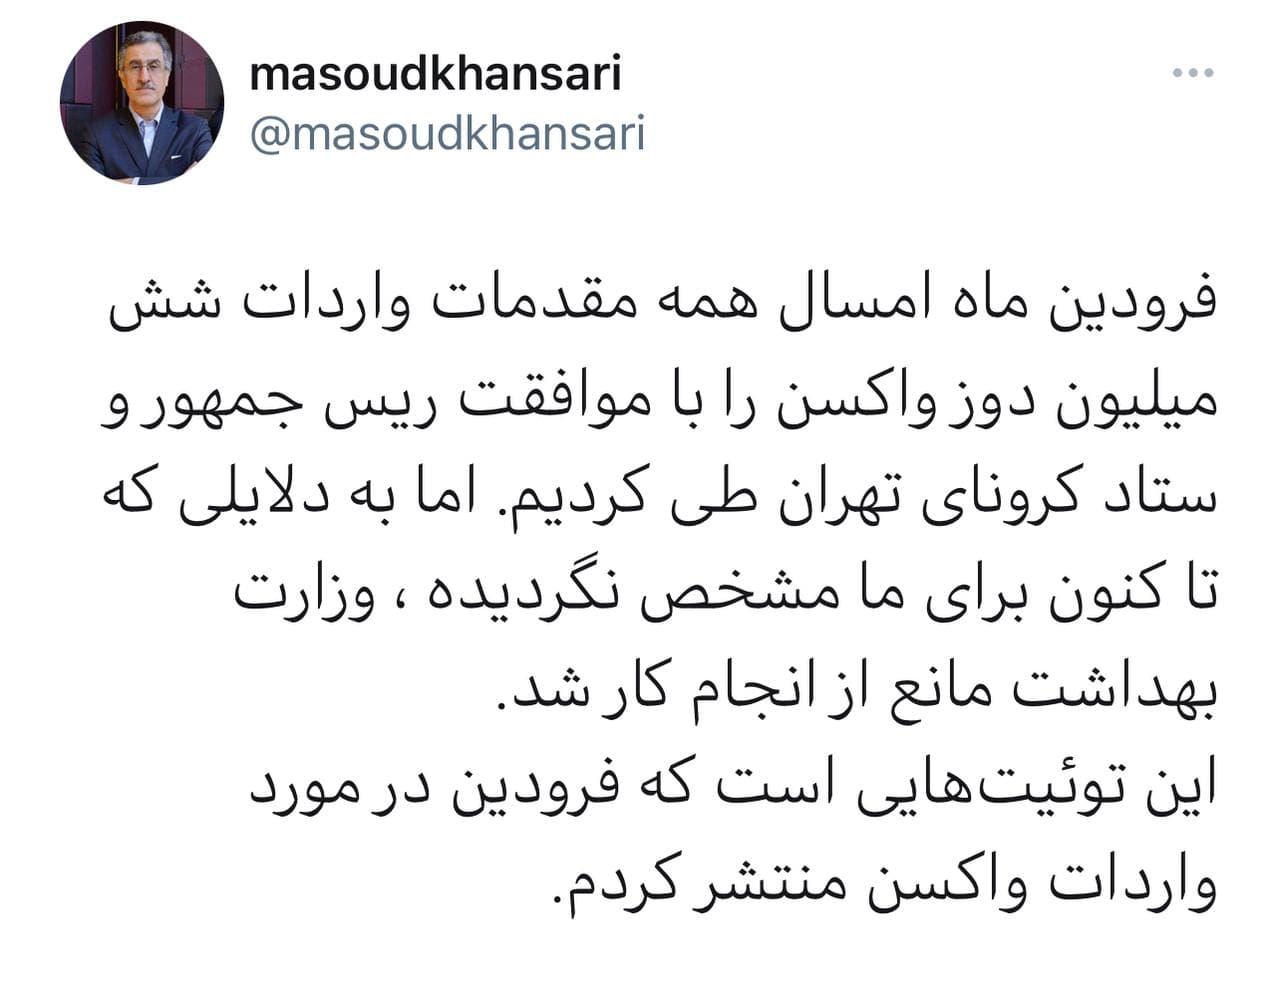 رییس اتاق بازرگانی تهران در واکنش به اظهارات زالی: وزارت بهداشت مانع از واردات واکسن شد